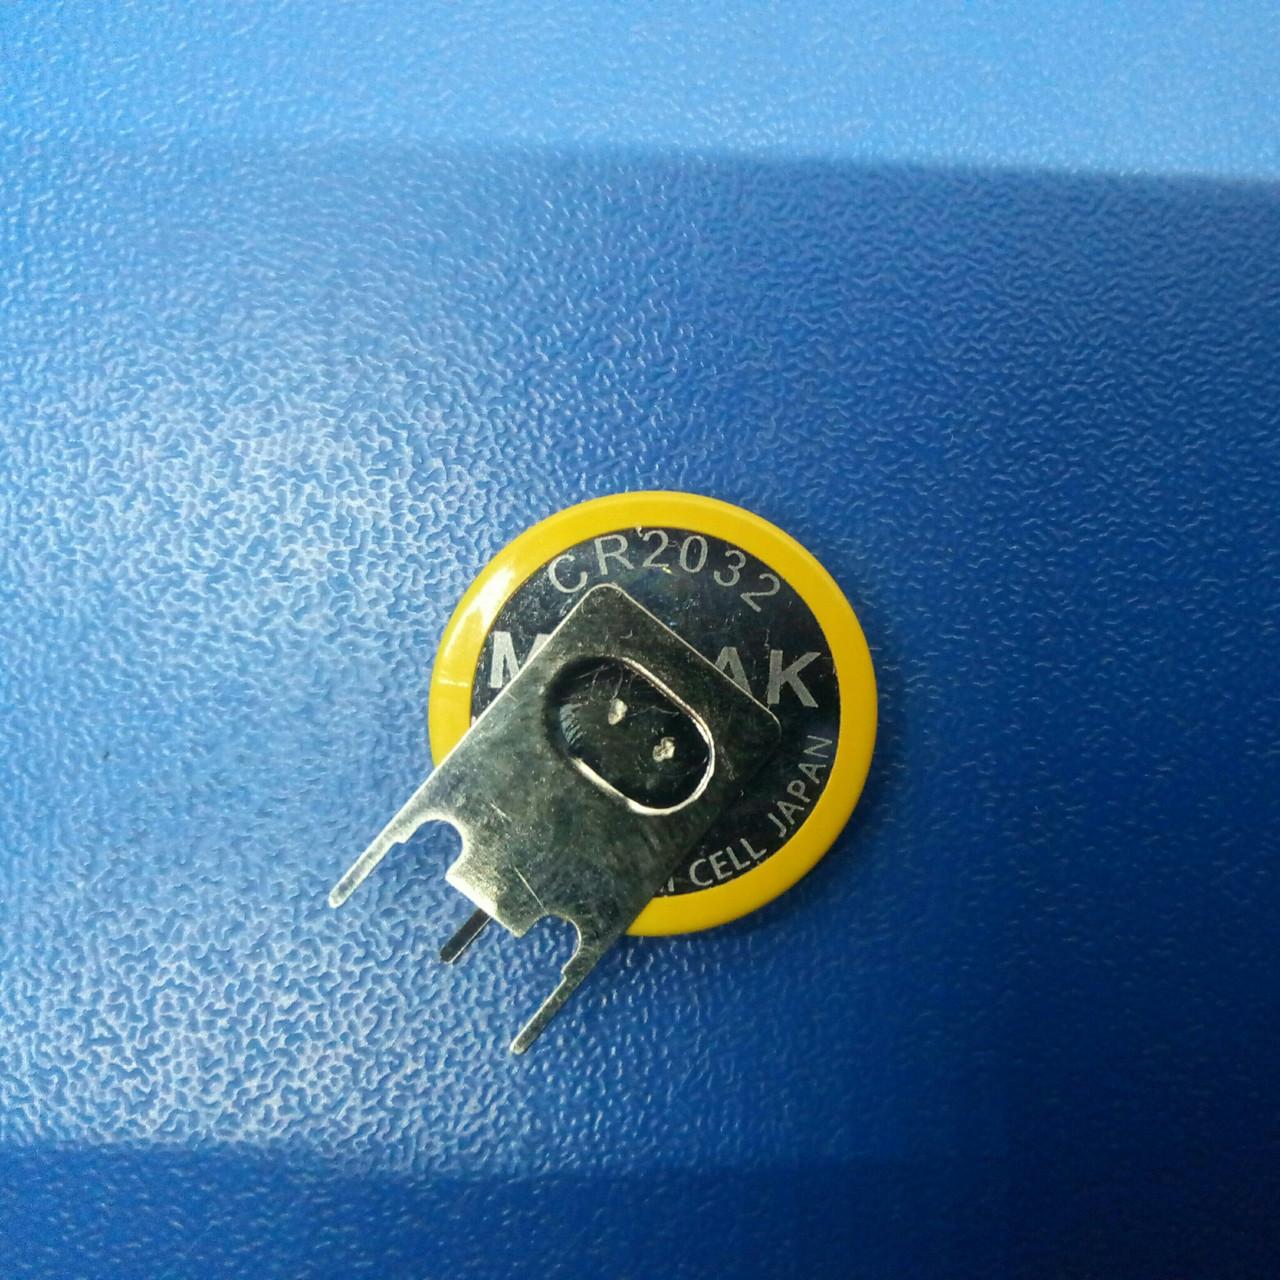 Литиевая батарейка(3v) MastAK 2032+tag№7